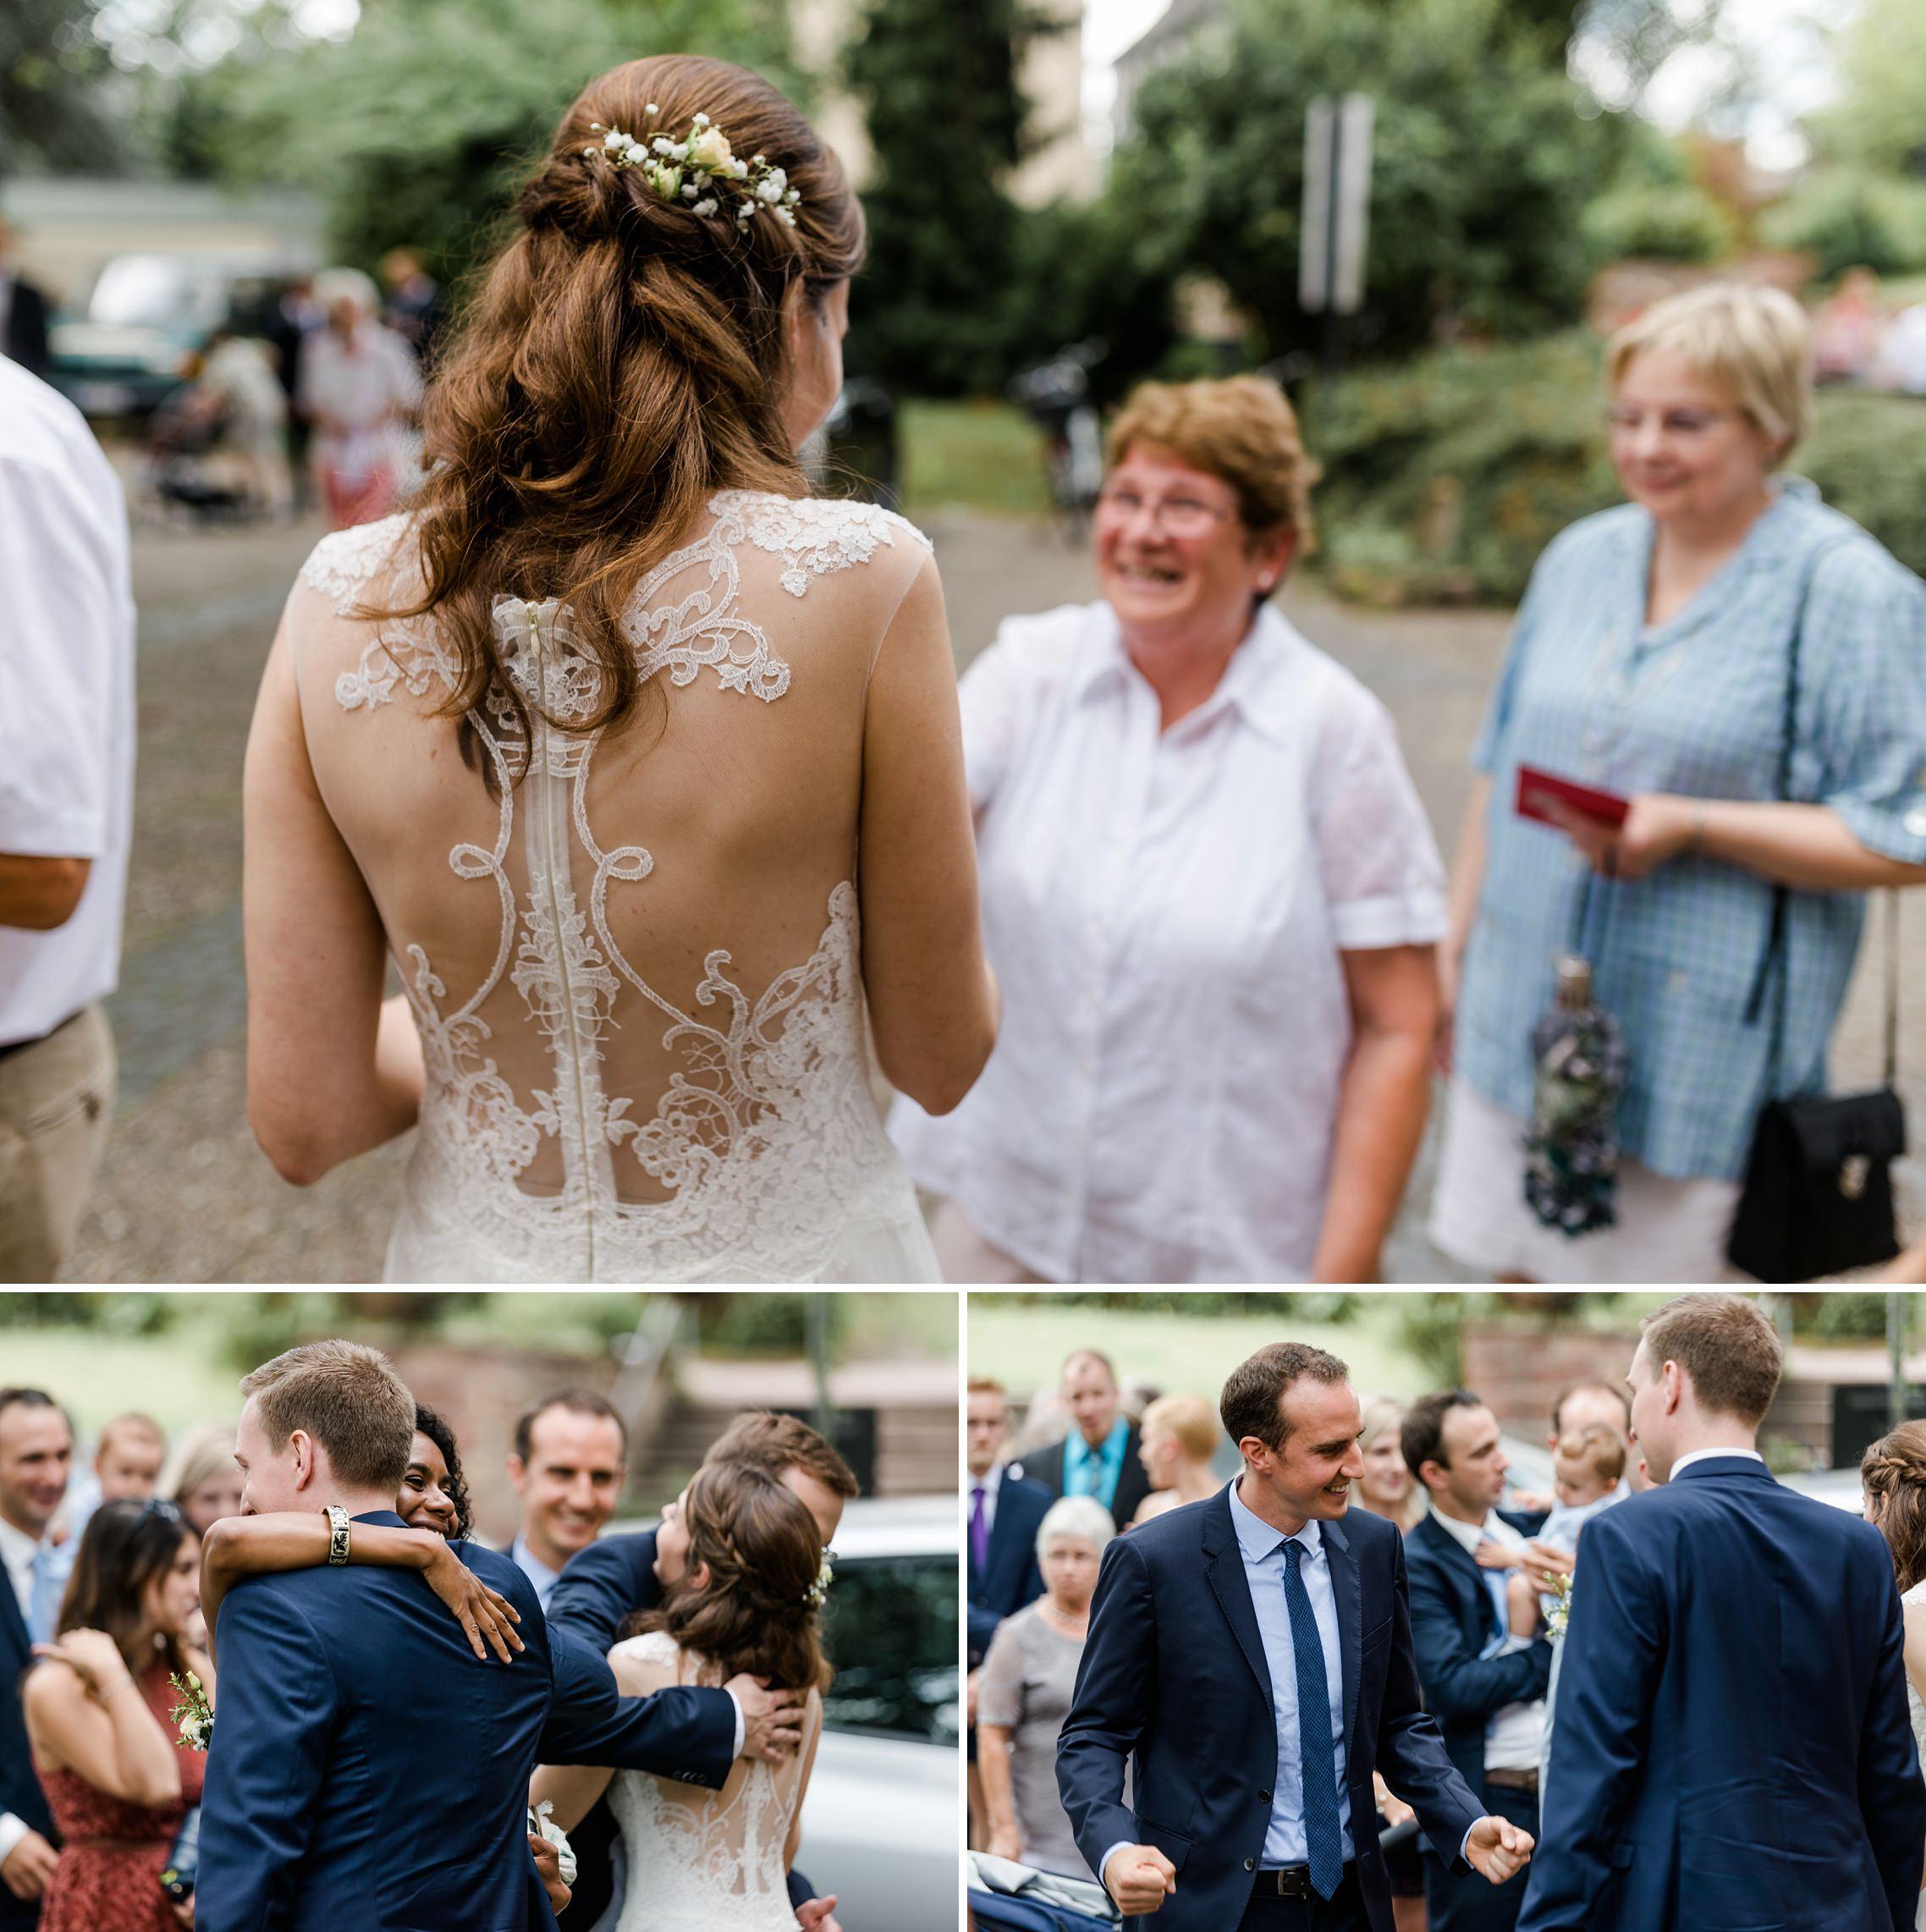 Die Gäste gratulieren dem Hochzeitspaar.